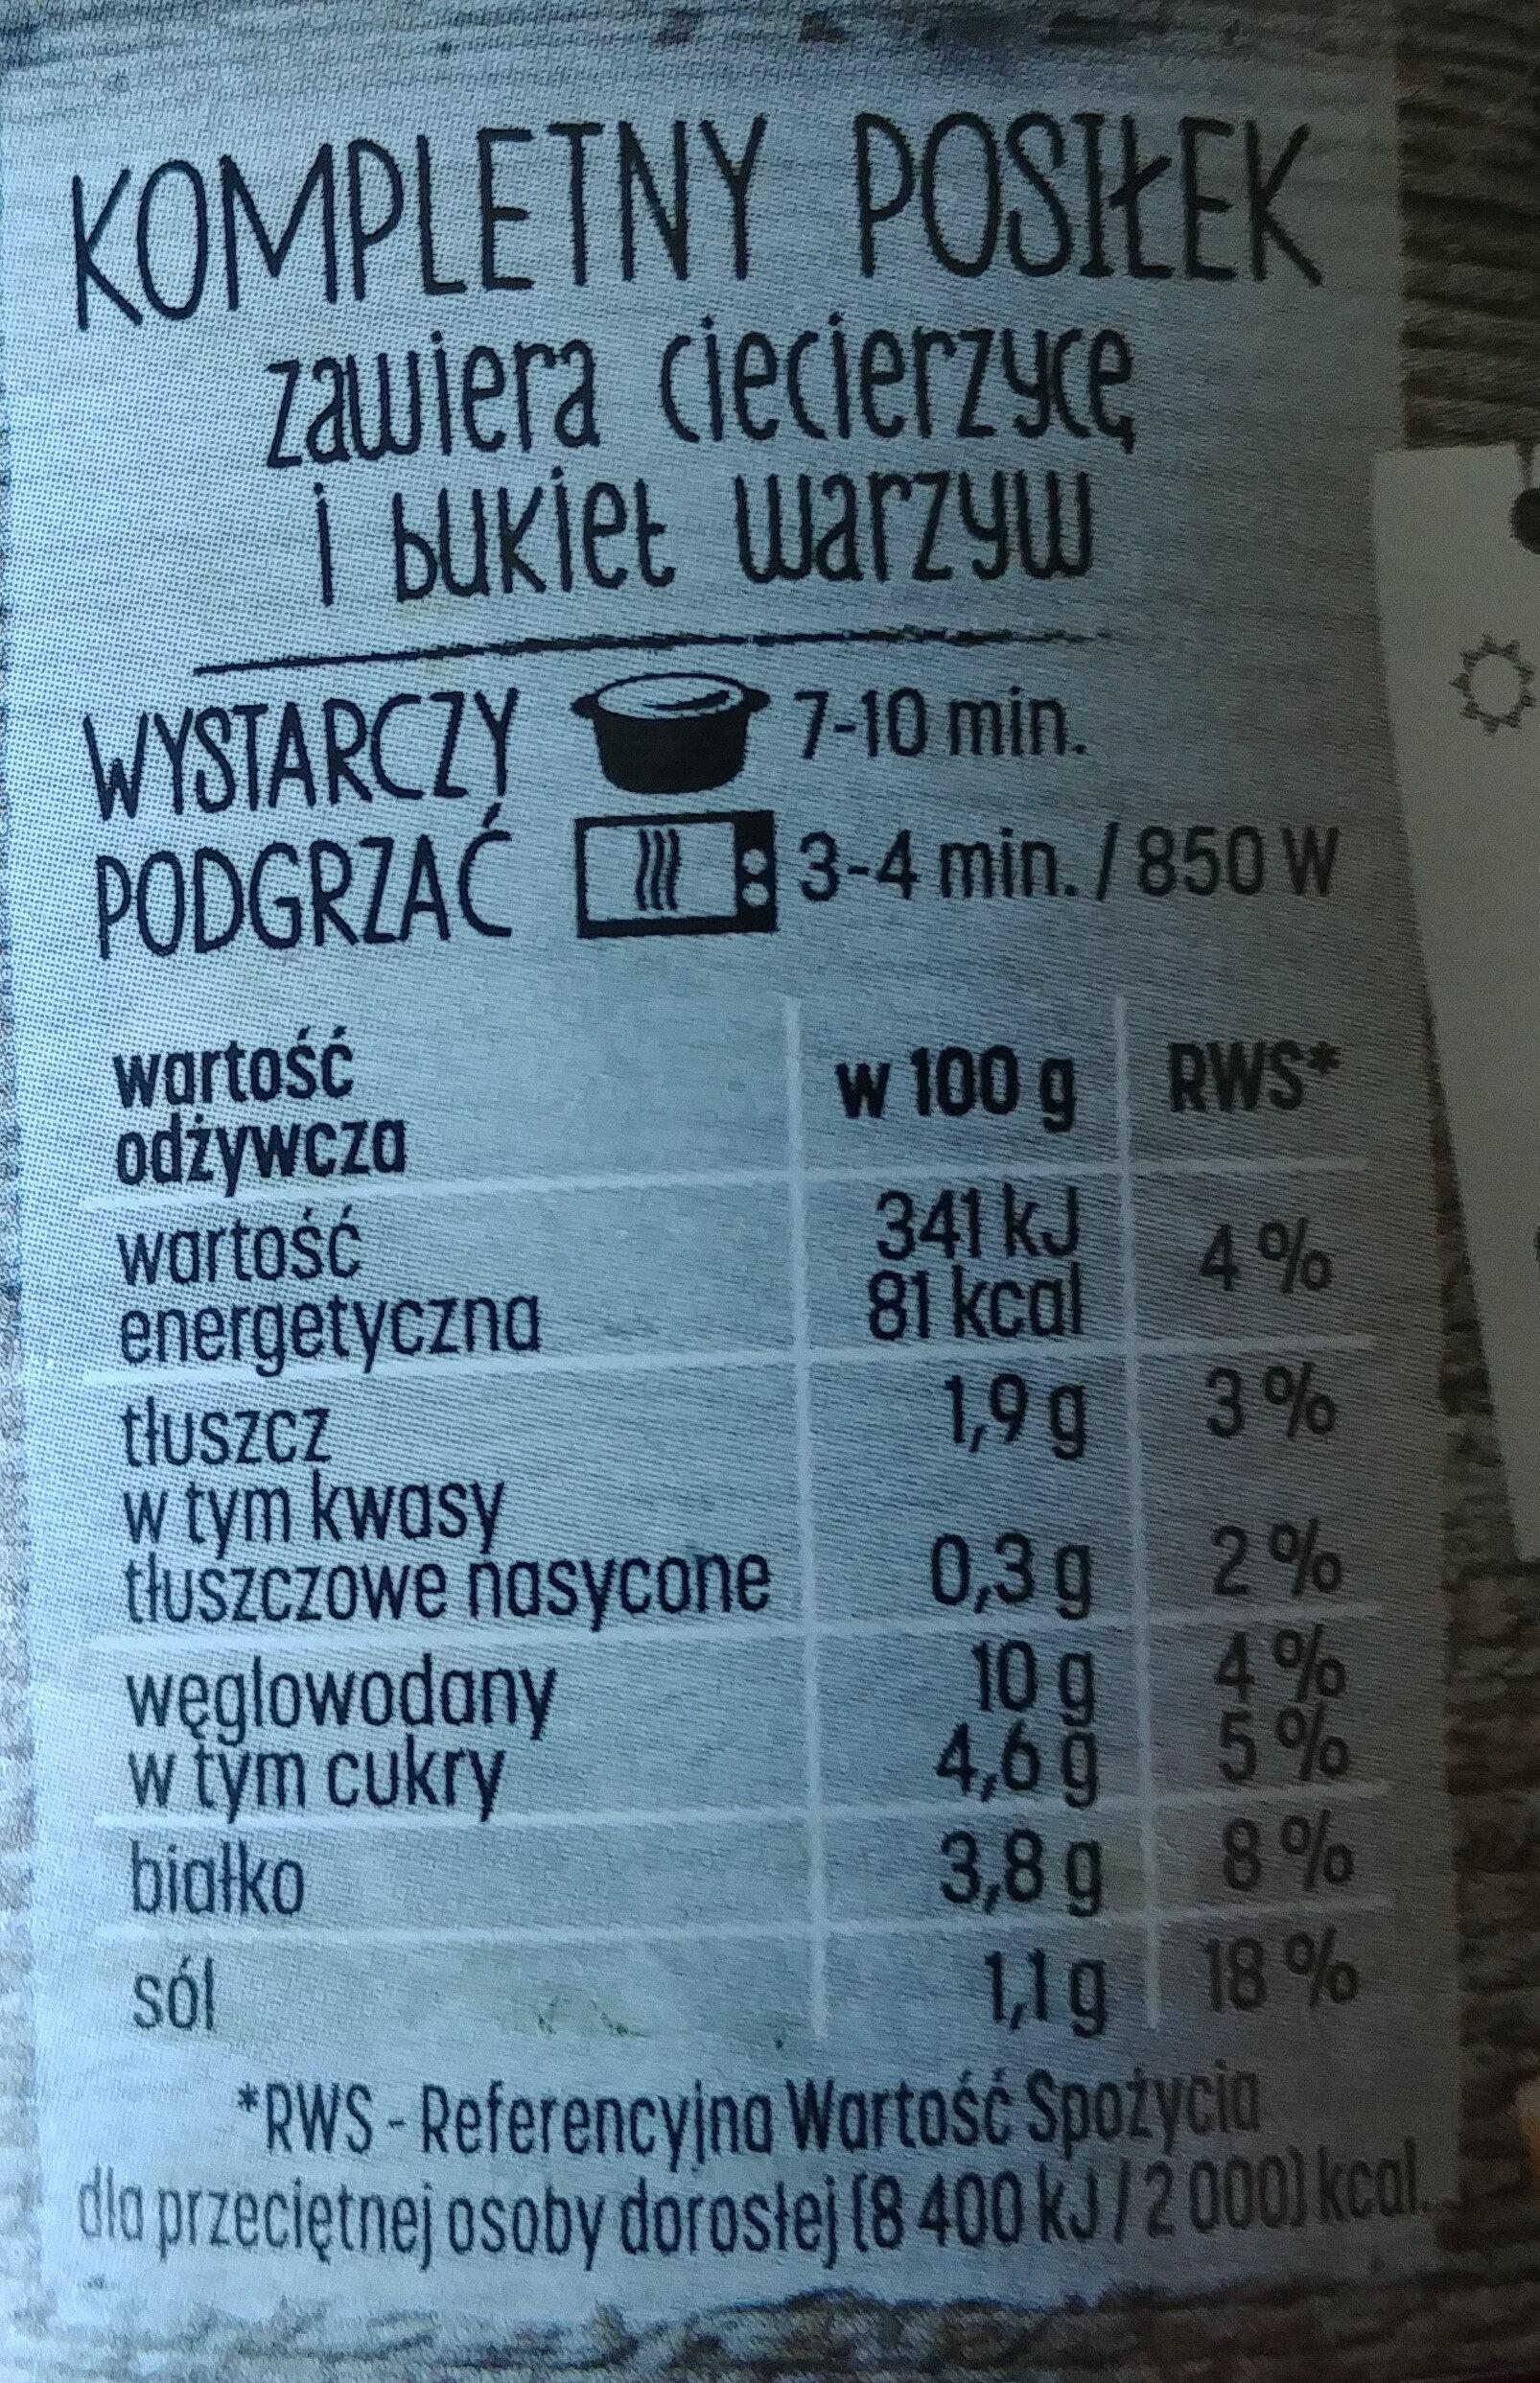 Ciecierzyca w warzywach - Wartości odżywcze - pl